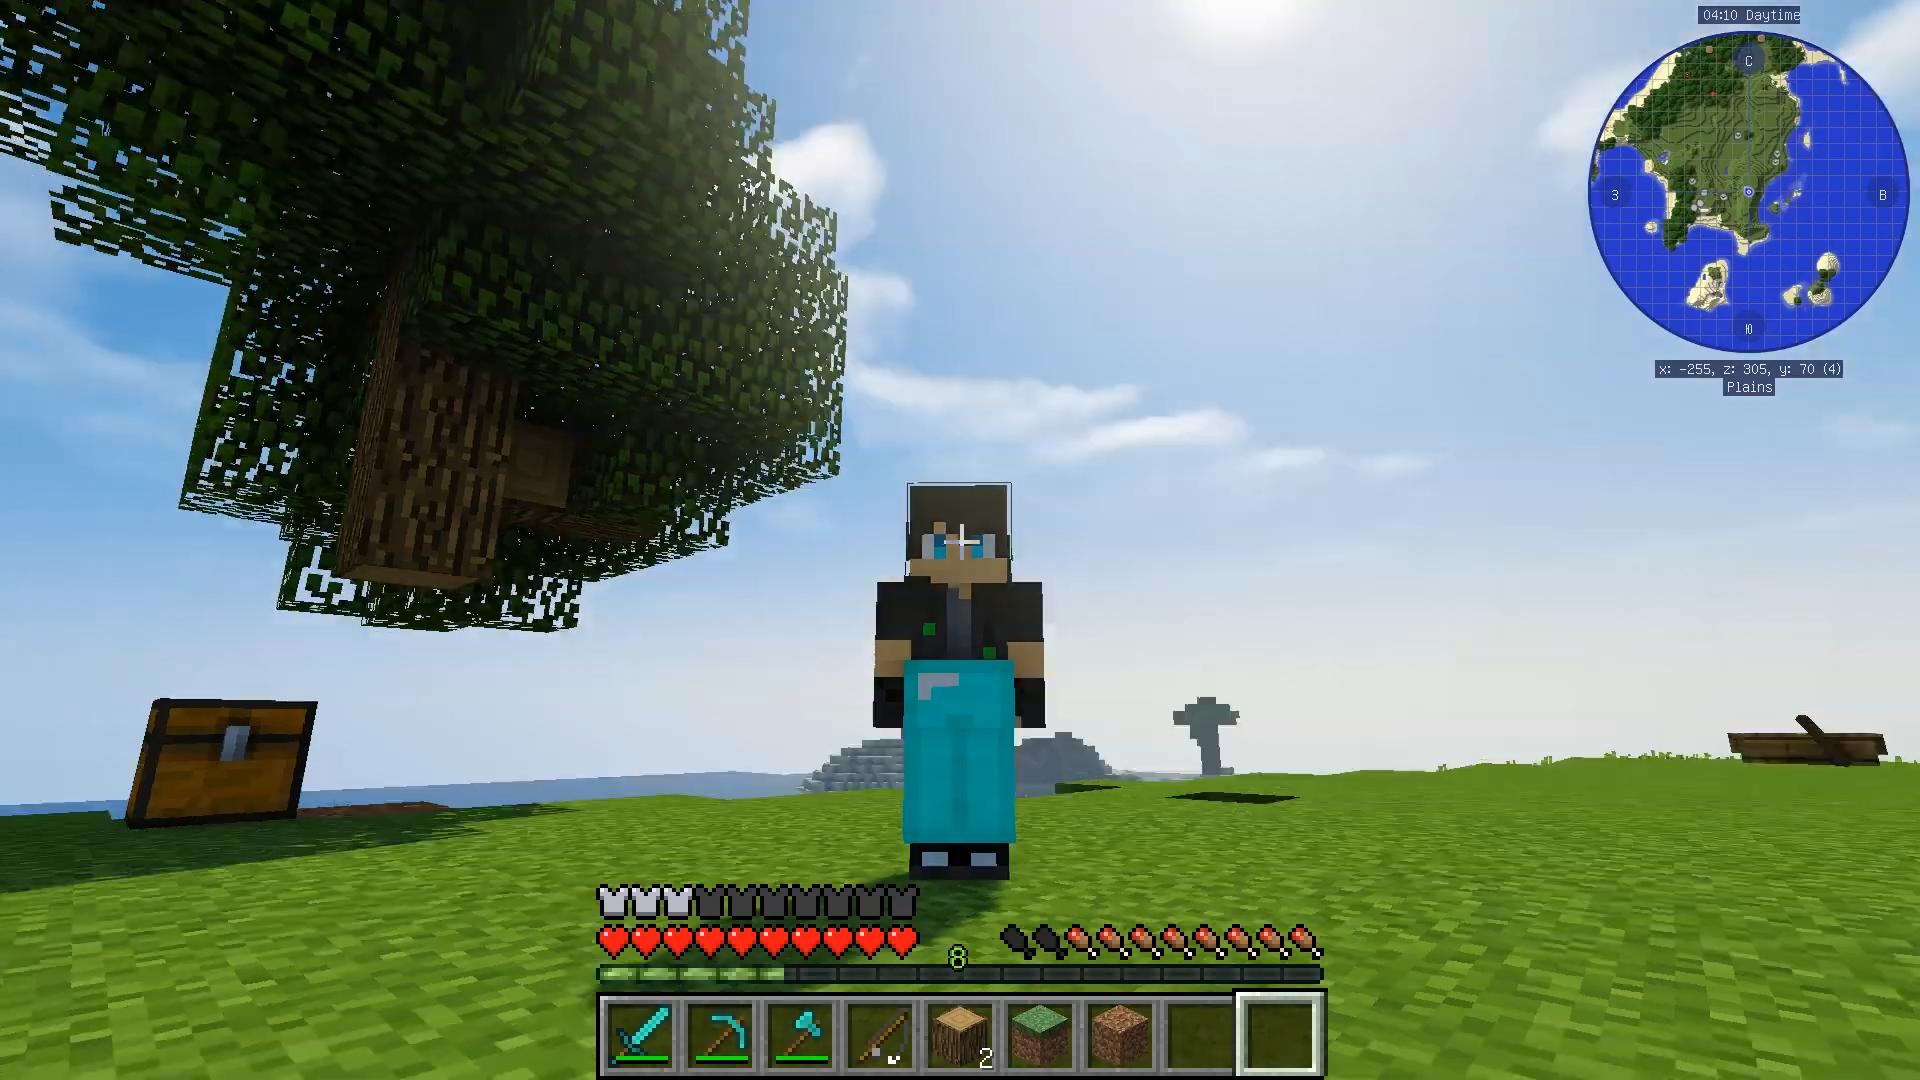 Мод Shoulder Surfing (Вид от 3 лица) - скриншот 3